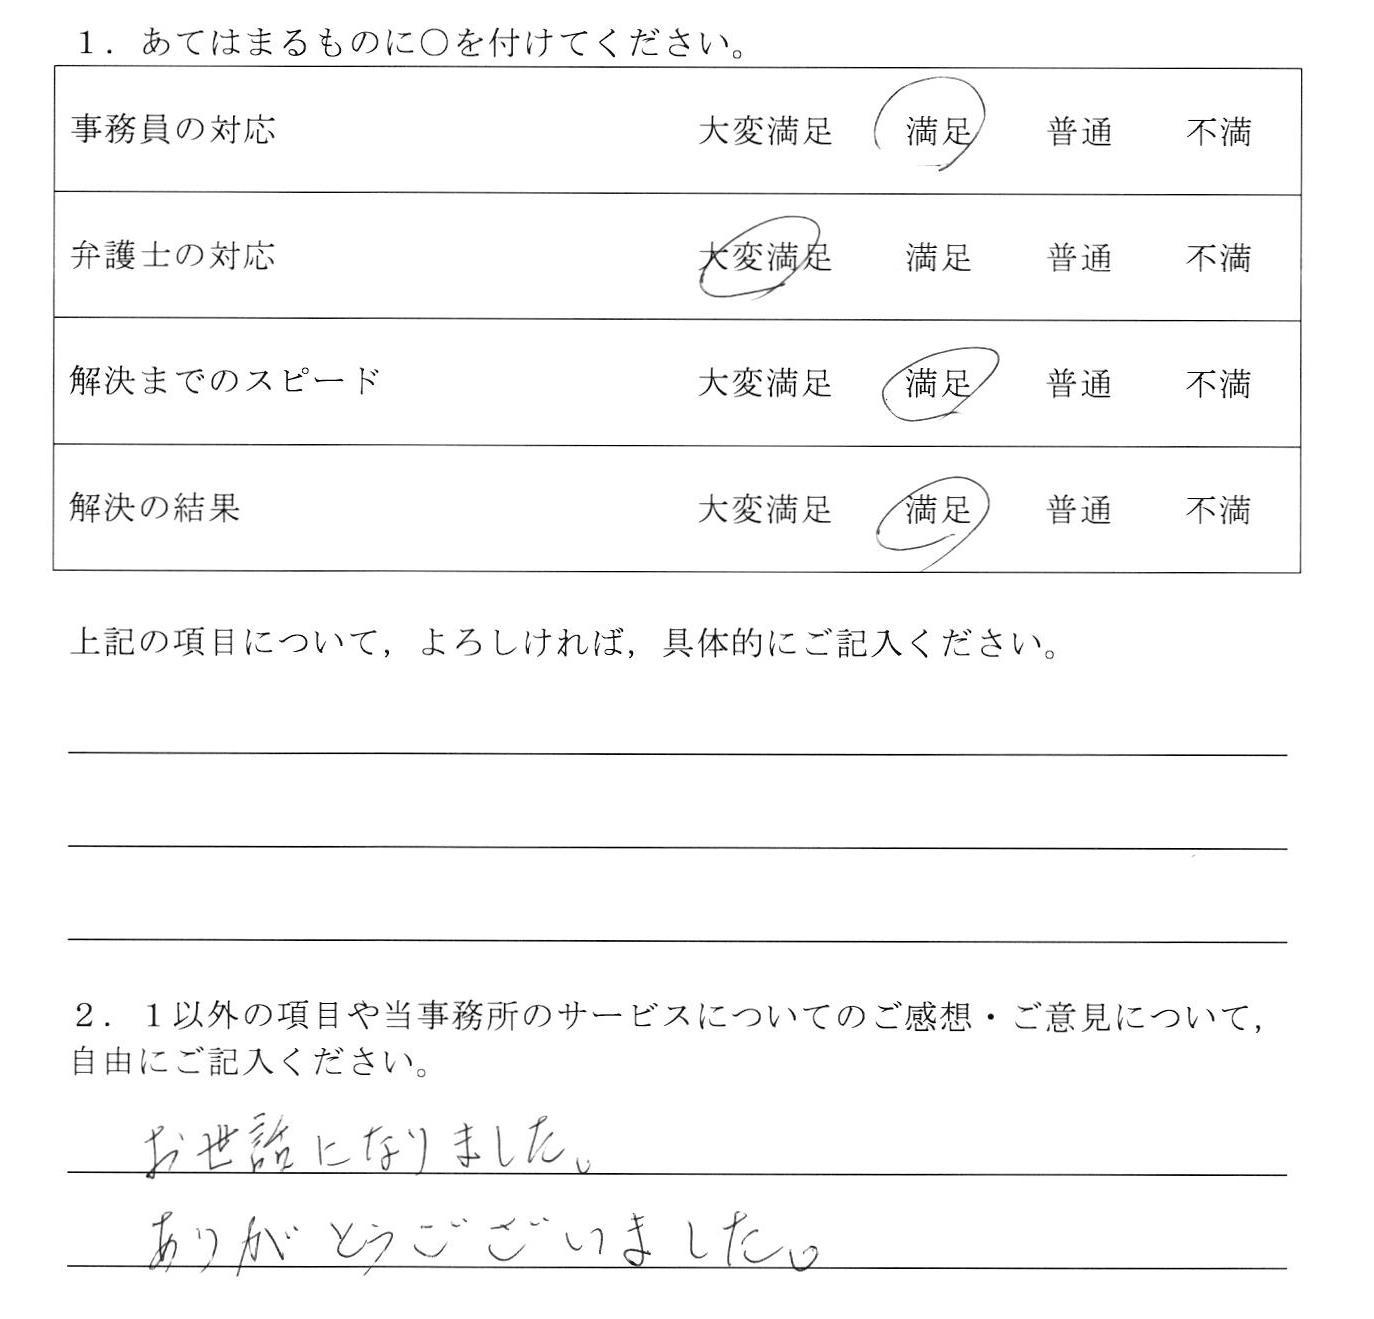 三重県四日市市法人(民事事件)の依頼者様の声 : お世話になりました。 ありがとうございました。